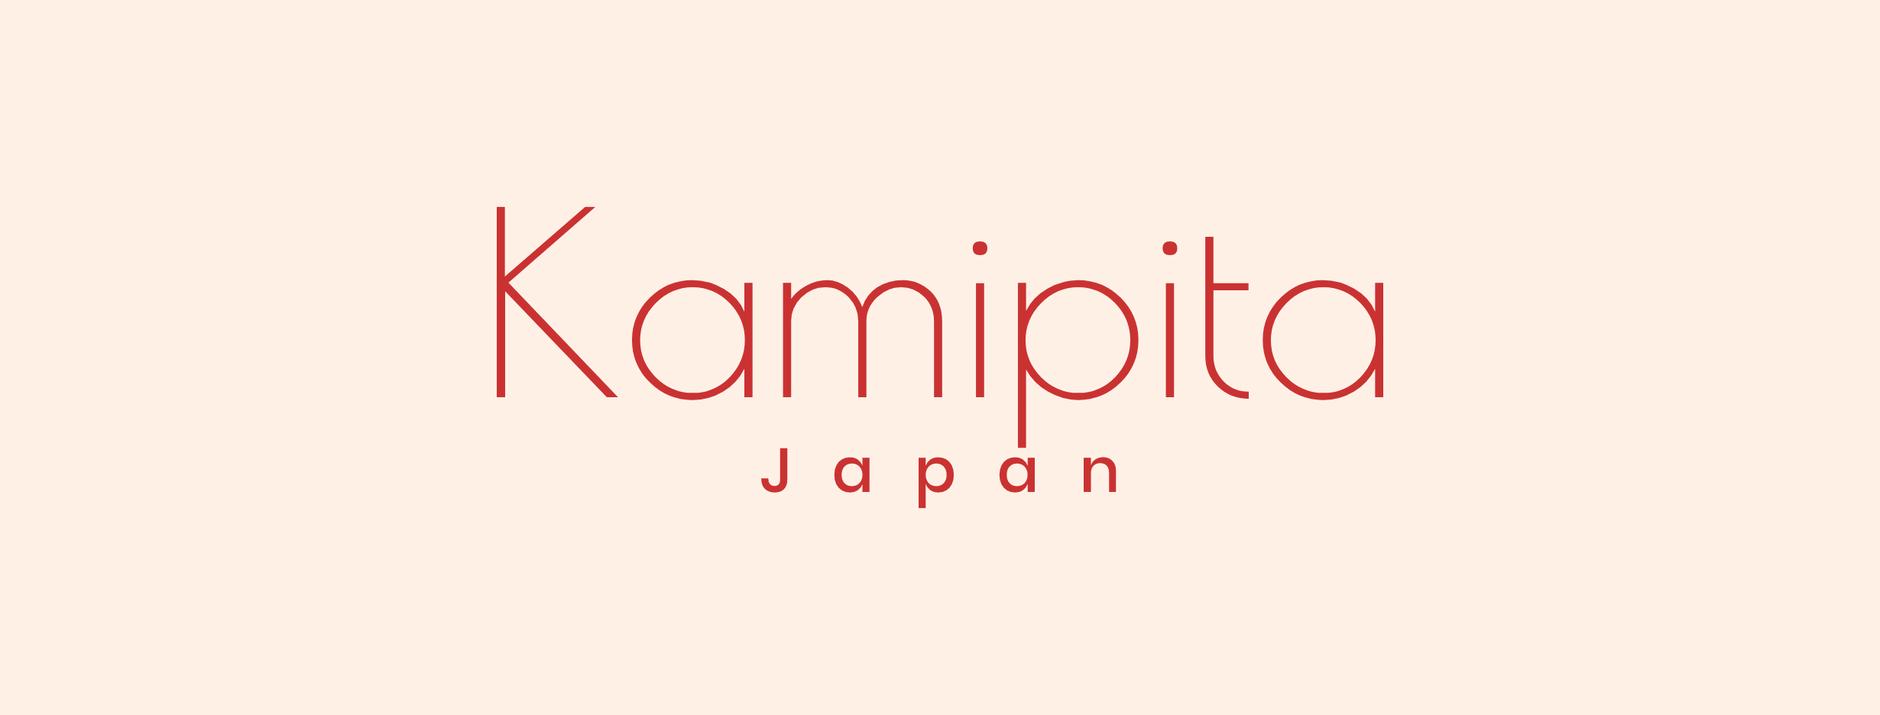 kamipita-Japan